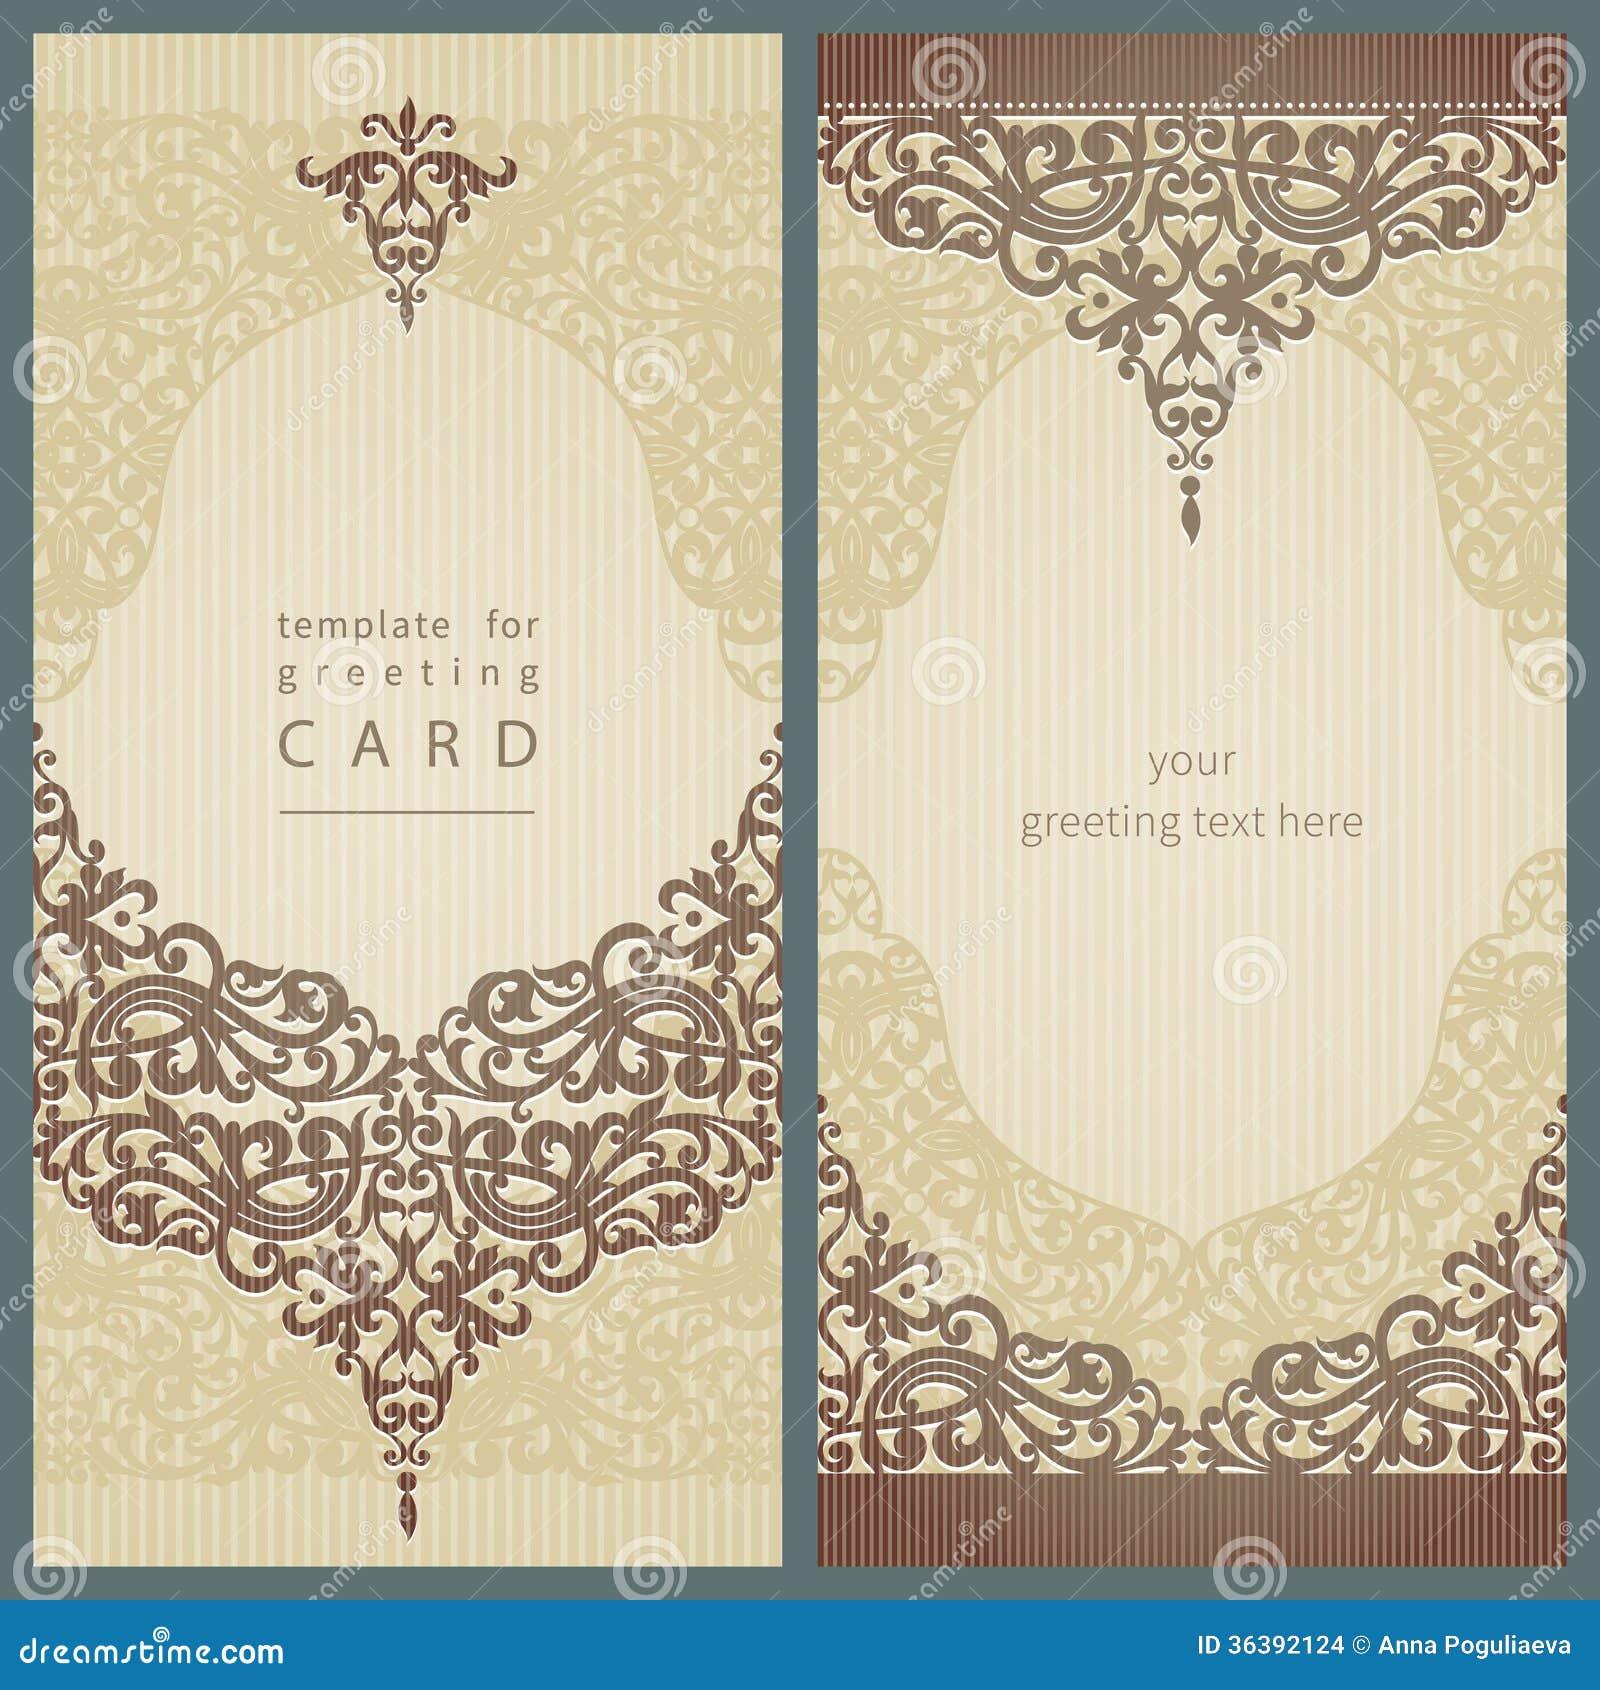 Vintage greeting cards.